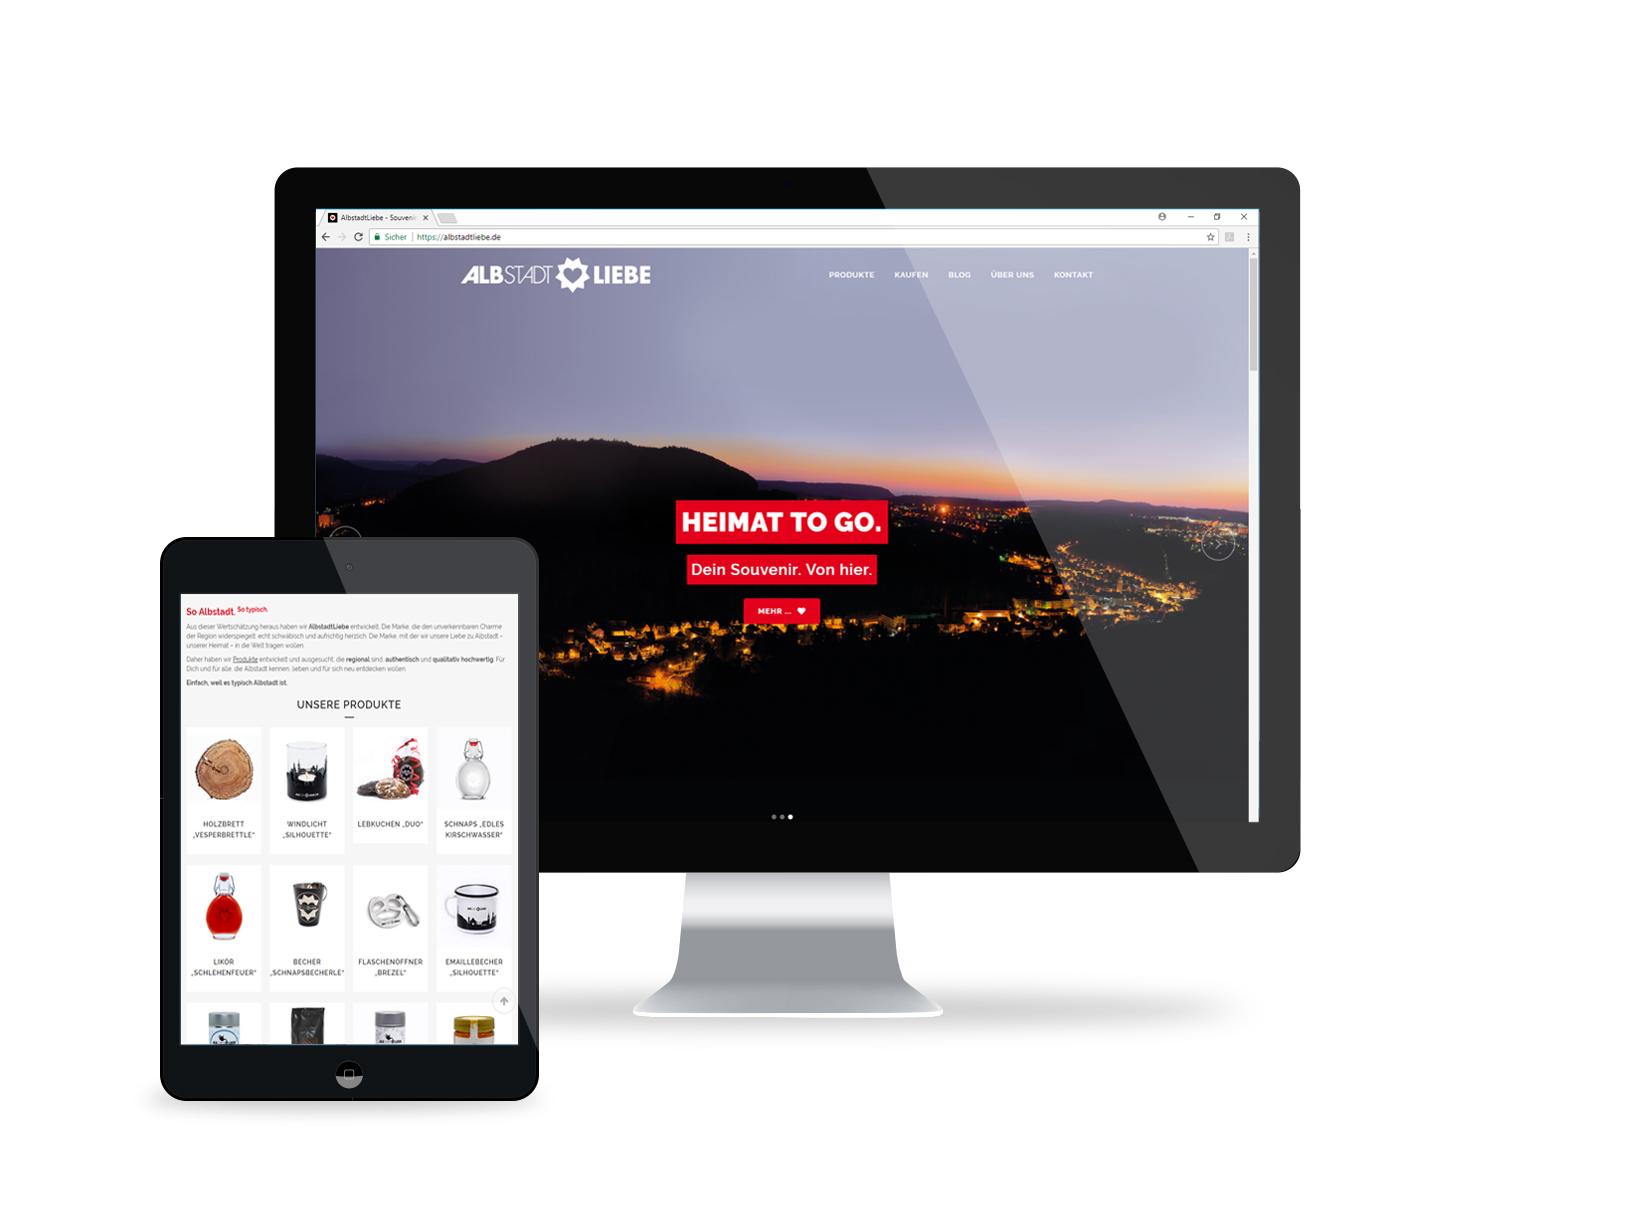 Ansicht der Website von AlbstadtLiebe auf verschiedenen Displays